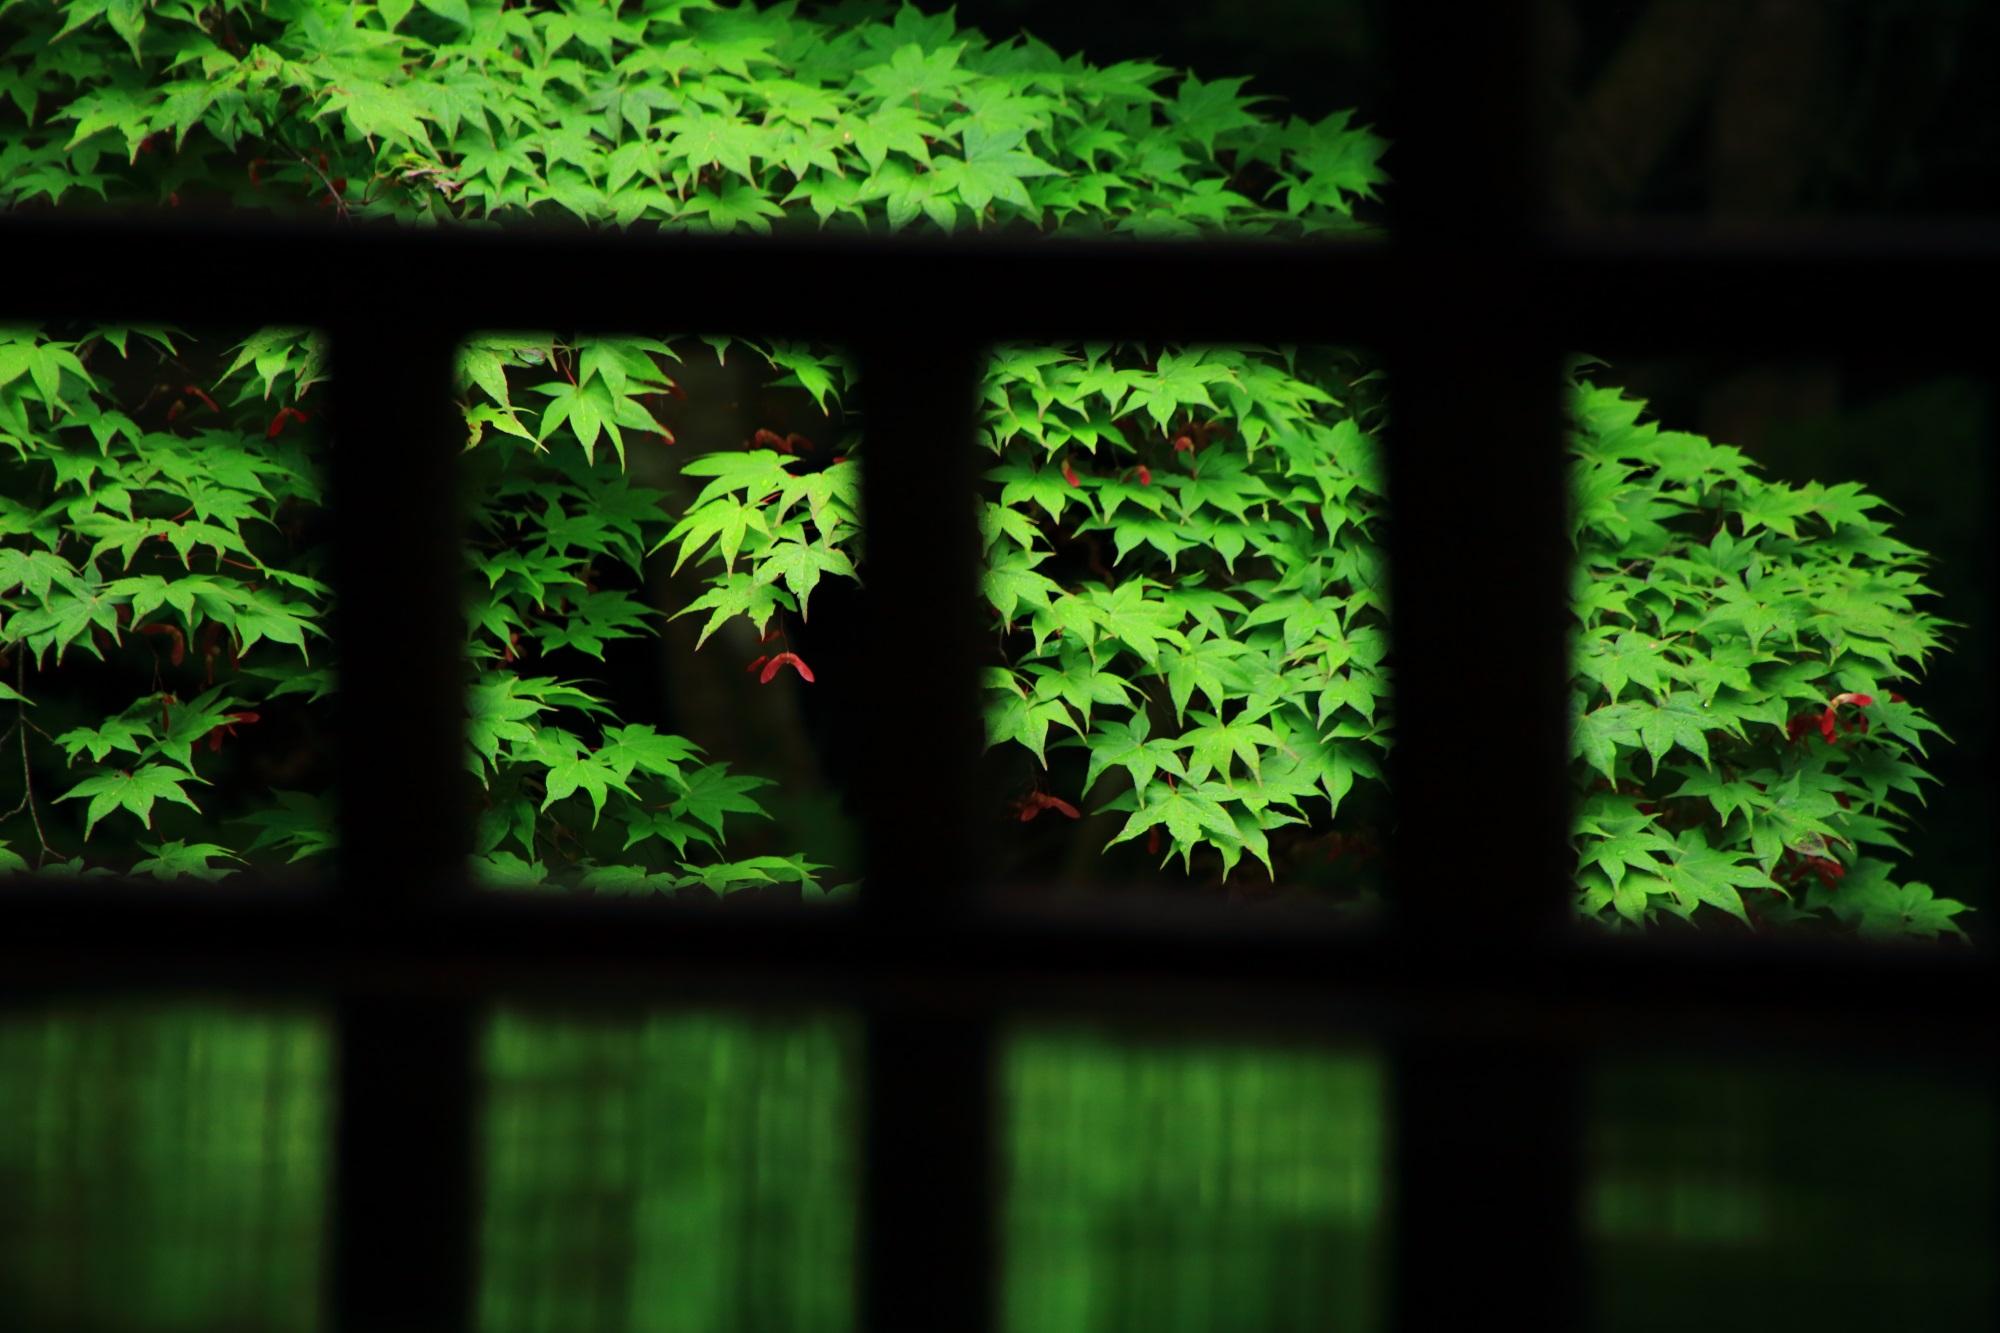 瑠璃光院 新緑 青もみじ 瑠璃の庭 秘境